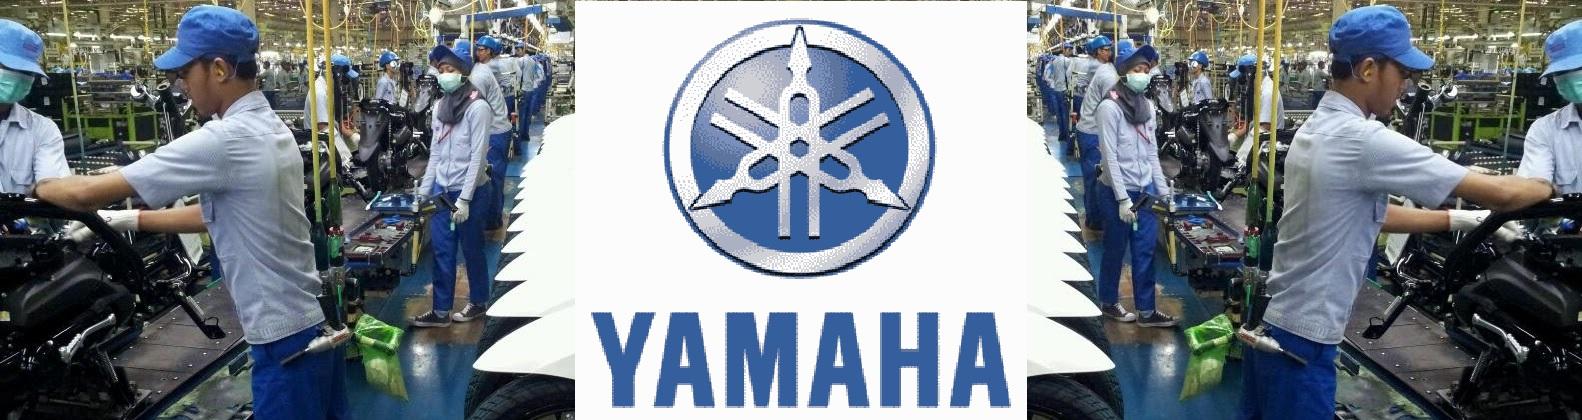 Lowongan Kerja PT.Yamaha Motor Mfg West Java (YMMWJ)